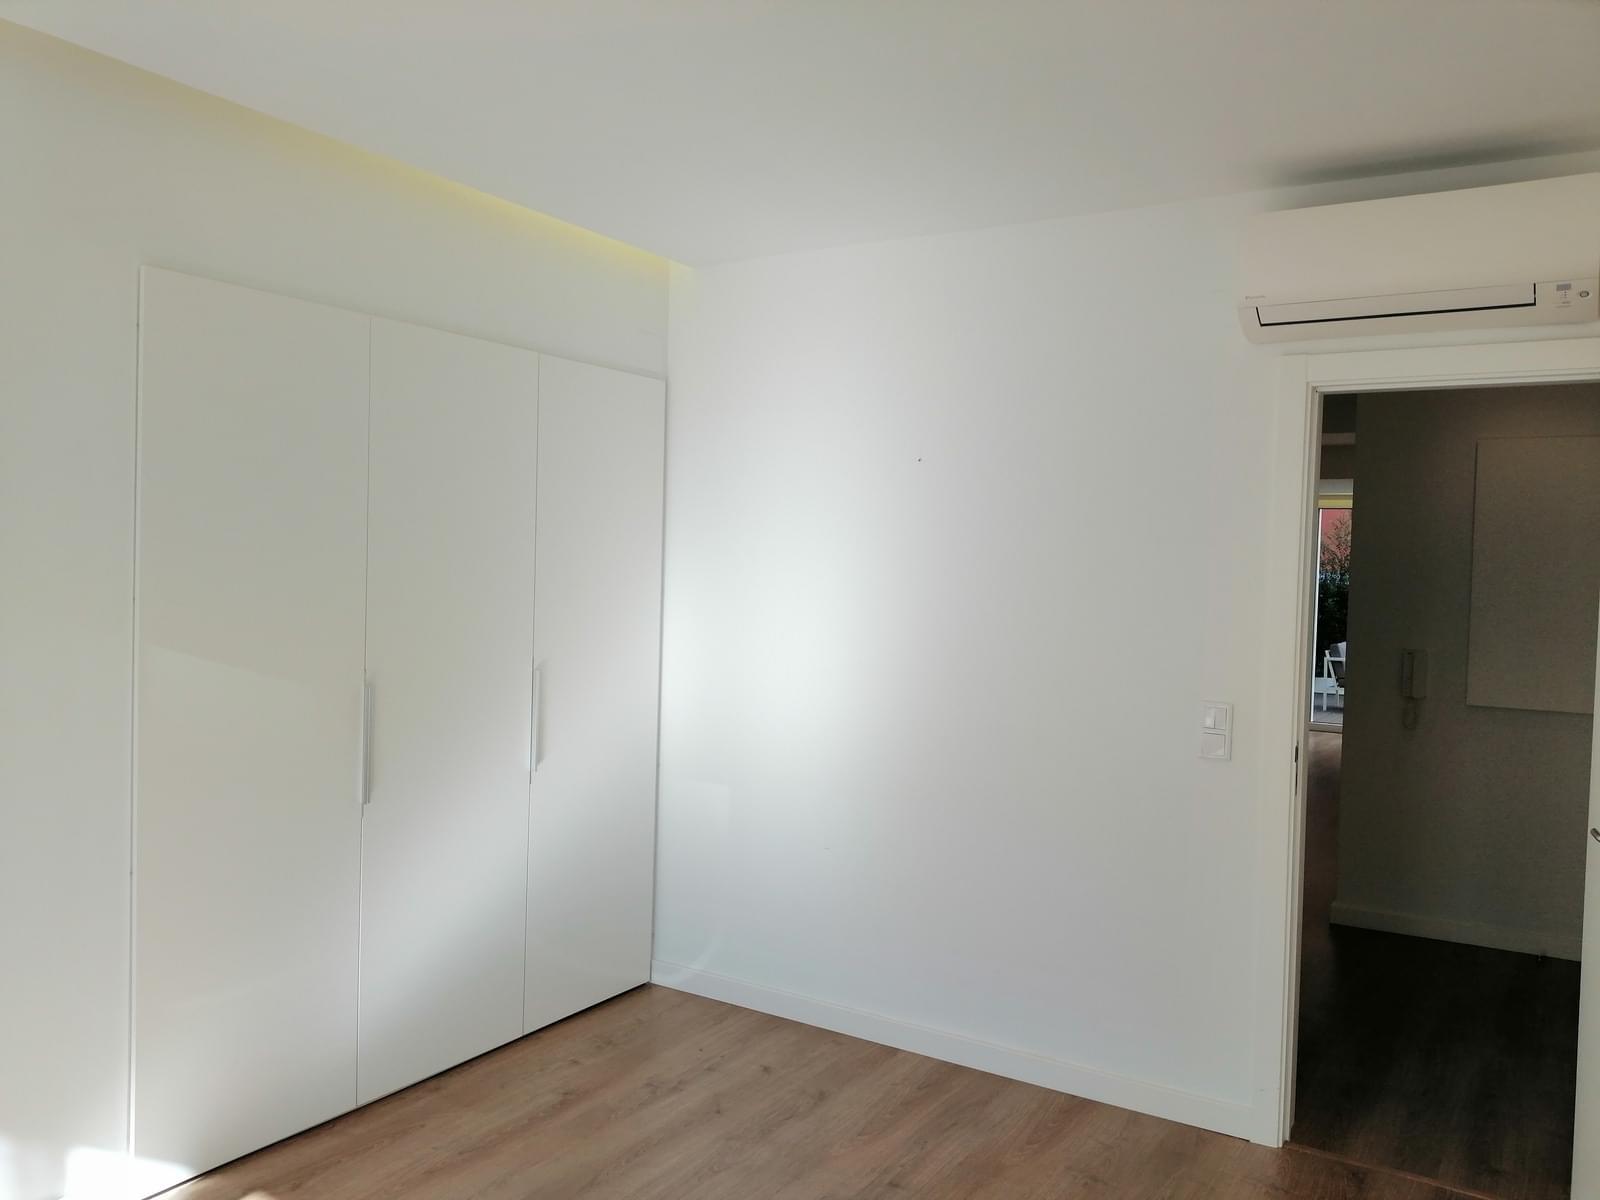 pf18996-apartamento-t3-lisboa-9f1cb76d-49a4-42ef-9c6e-4de850897ca7